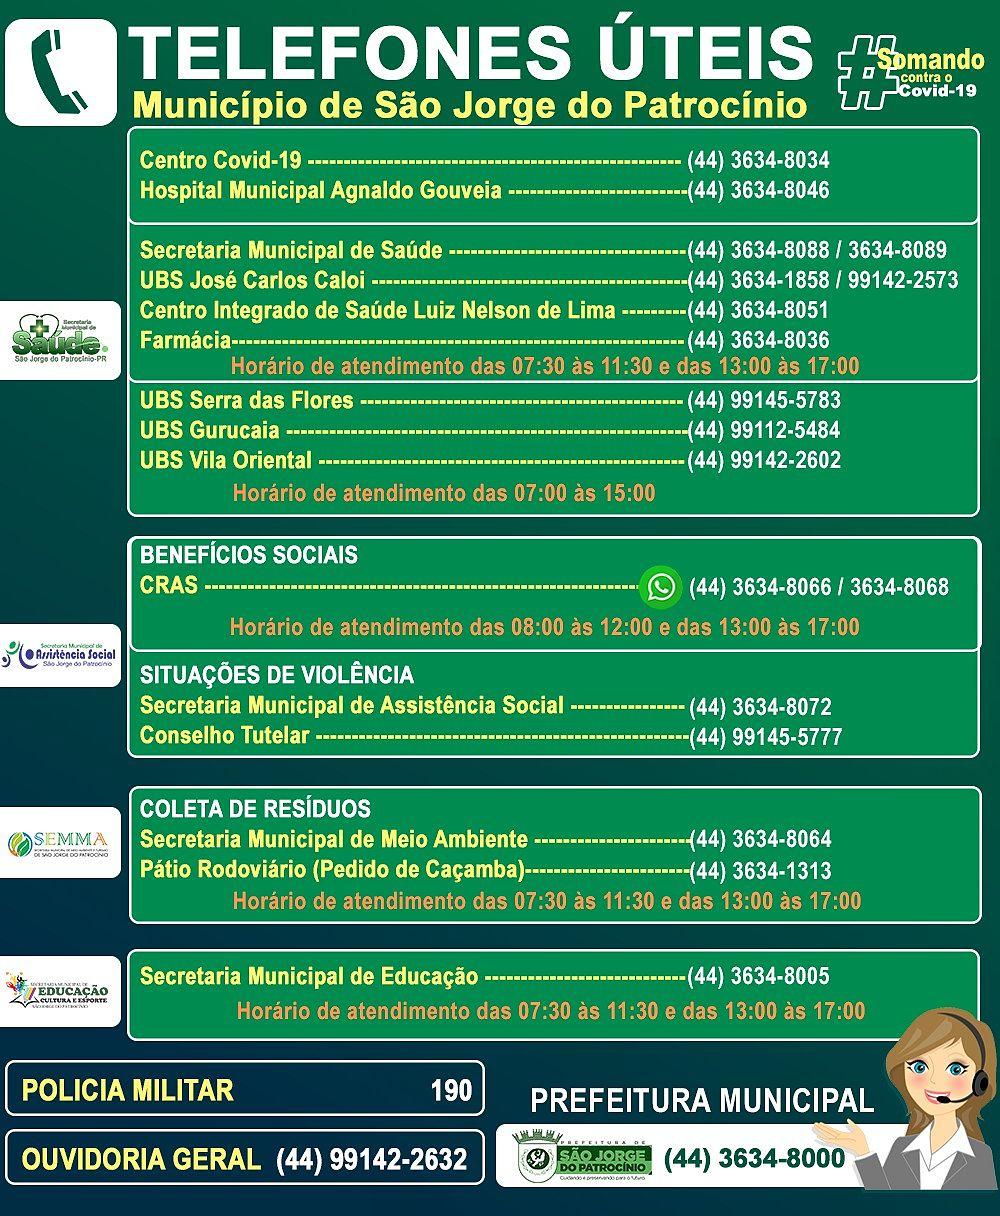 TELEFONES ÚTEIS PARA ORIENTAÇÕES, DENÚNCIAS E INFORMAÇÕES